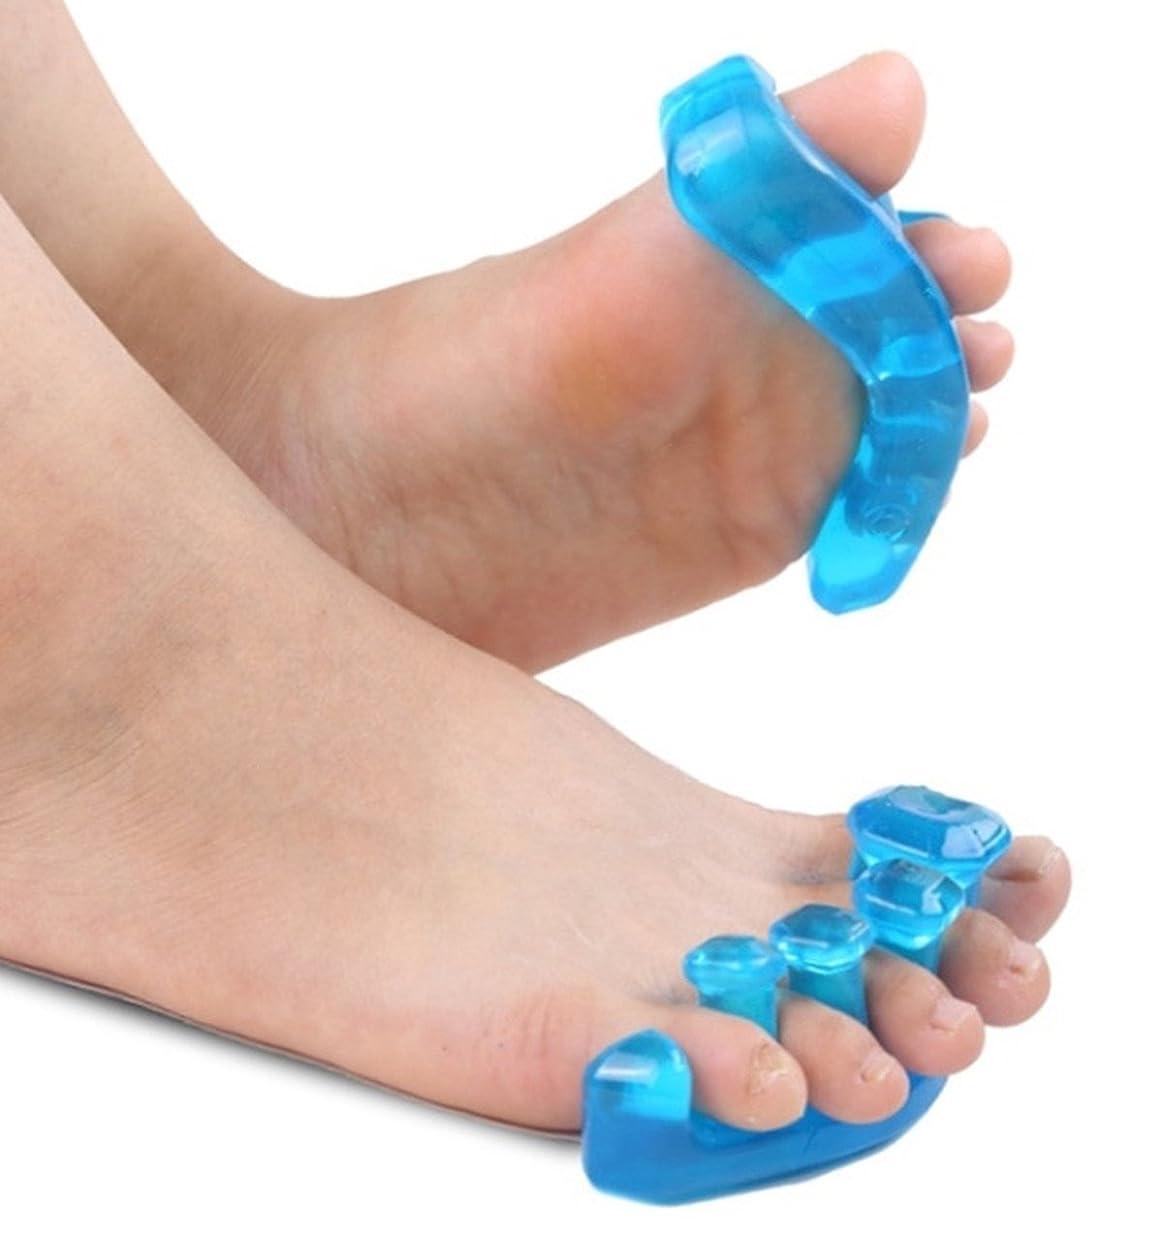 盆地以上ホバー足指パッド セパレーター 矯正 外反母趾 サポーター 5本指 足指 広げる ジェル シリコン S M L